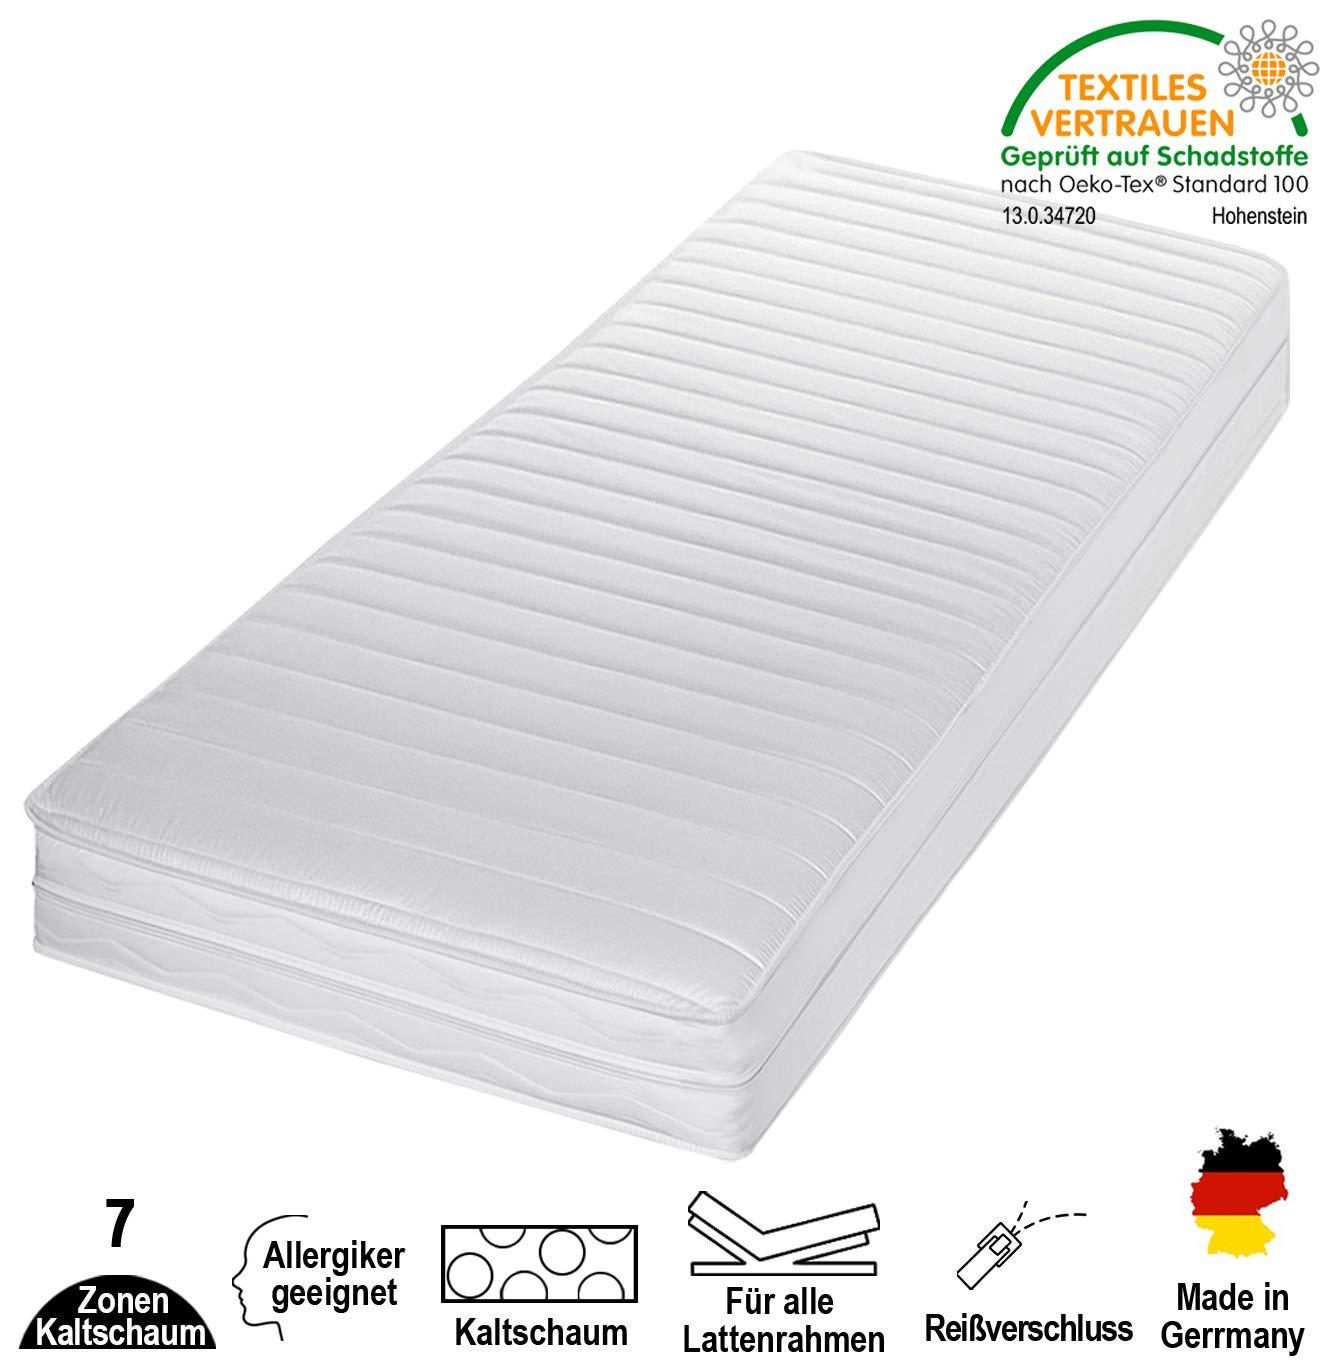 Cpt hydrovital 7 Zonen Premium Kaltschaummatratze - Matratze Härtegrad 2in1 H2 & H3 - Rollmatratze (80 x 200 x 16 cm, H2 & H3)